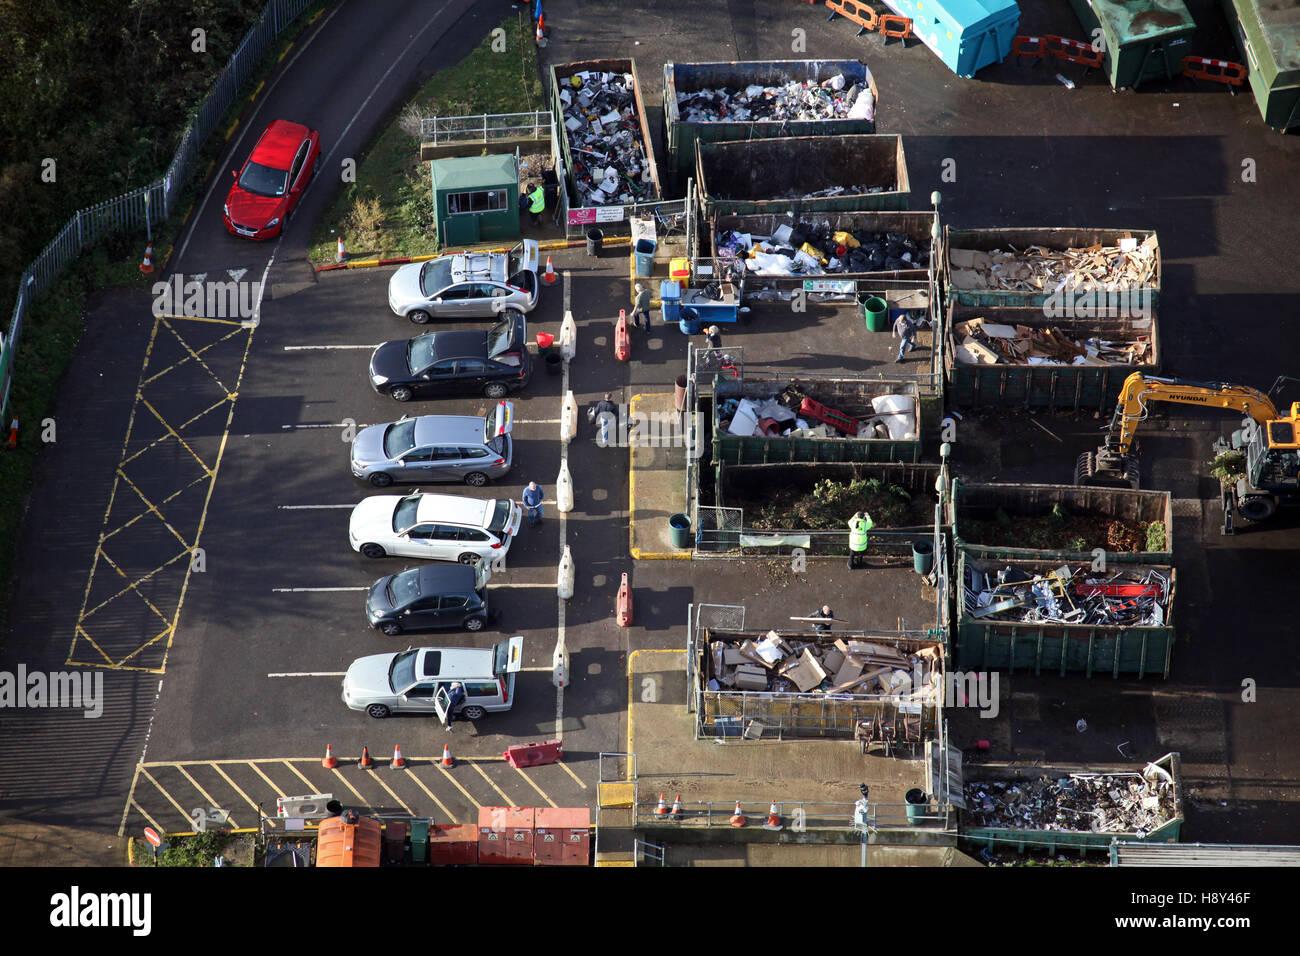 Luftaufnahme des inländischen Hausmüll recycling-Anlage in Großbritannien Stockbild